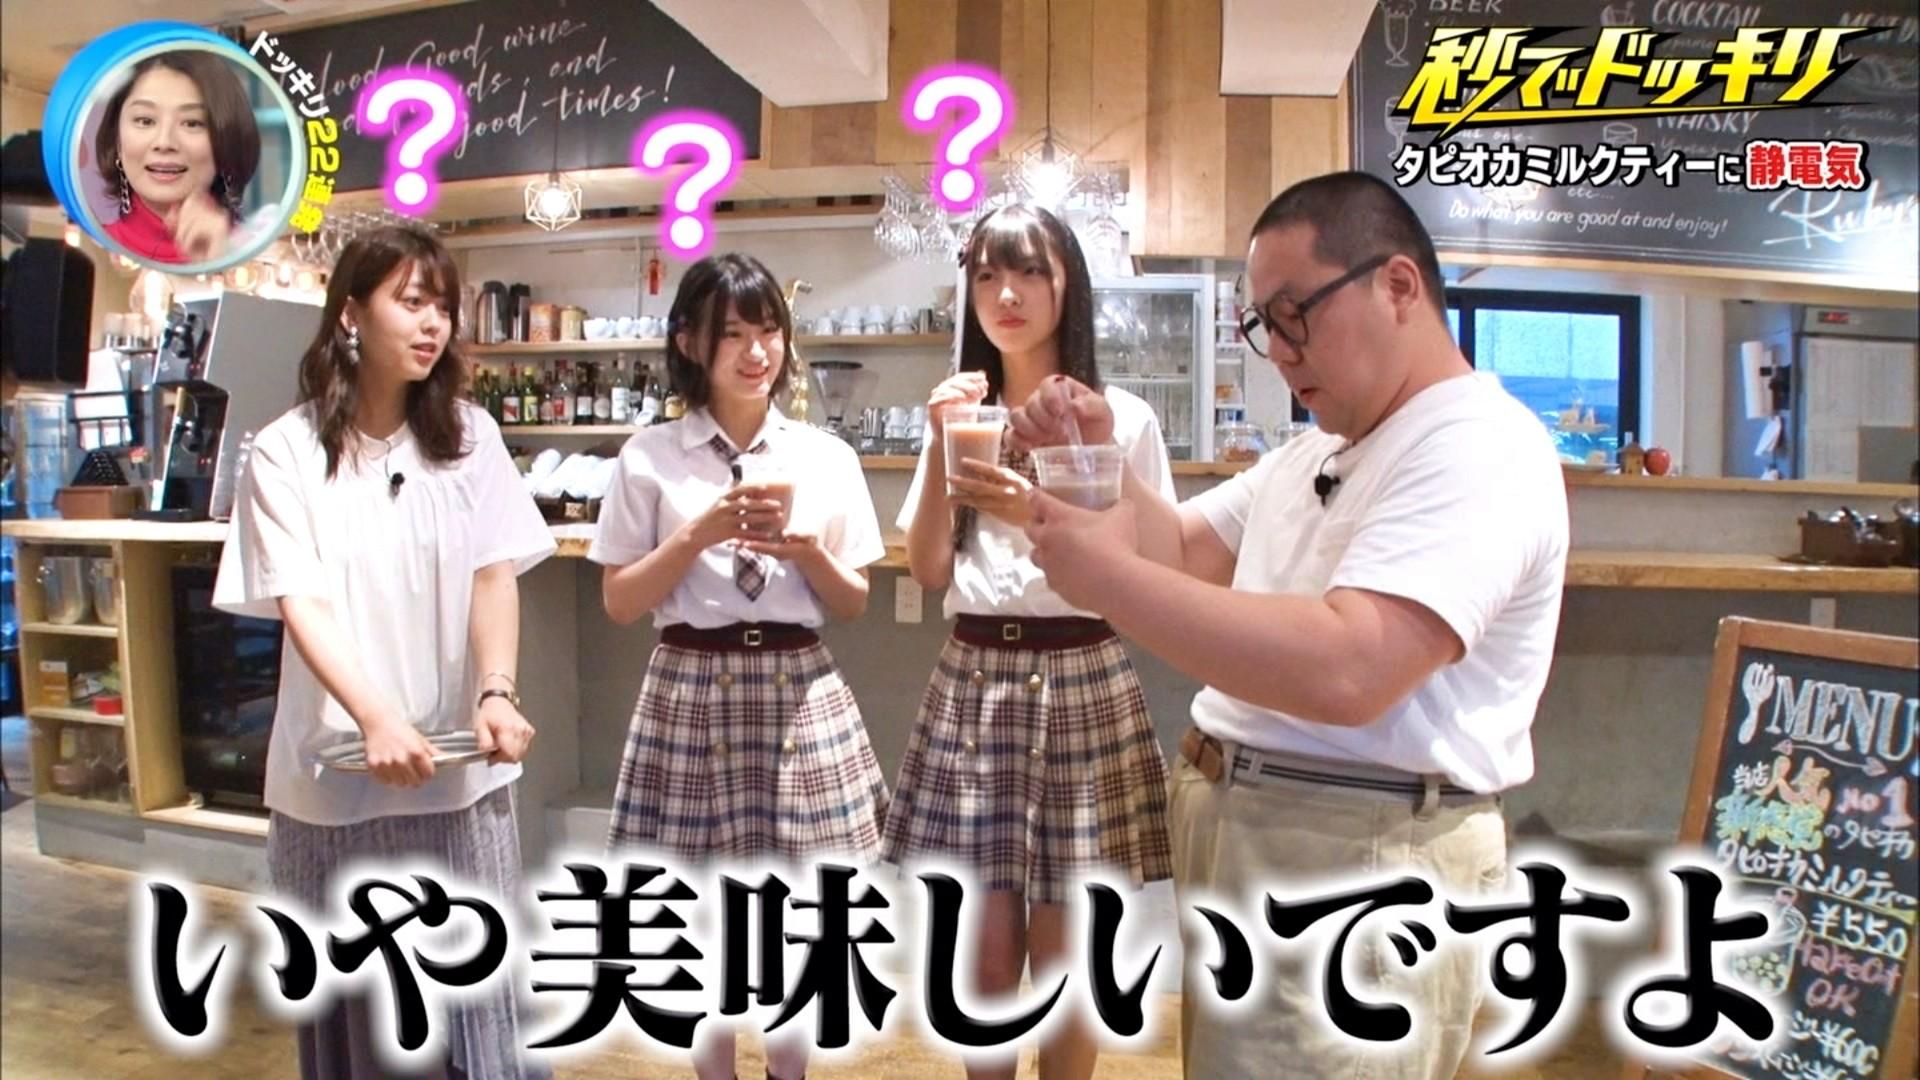 2019年11月30日にフジテレビ系列でほうそうされた「芸能人が本気で考えた!ドッキリGP」に出演したNMB48上西怜・大田莉央奈の画像-022